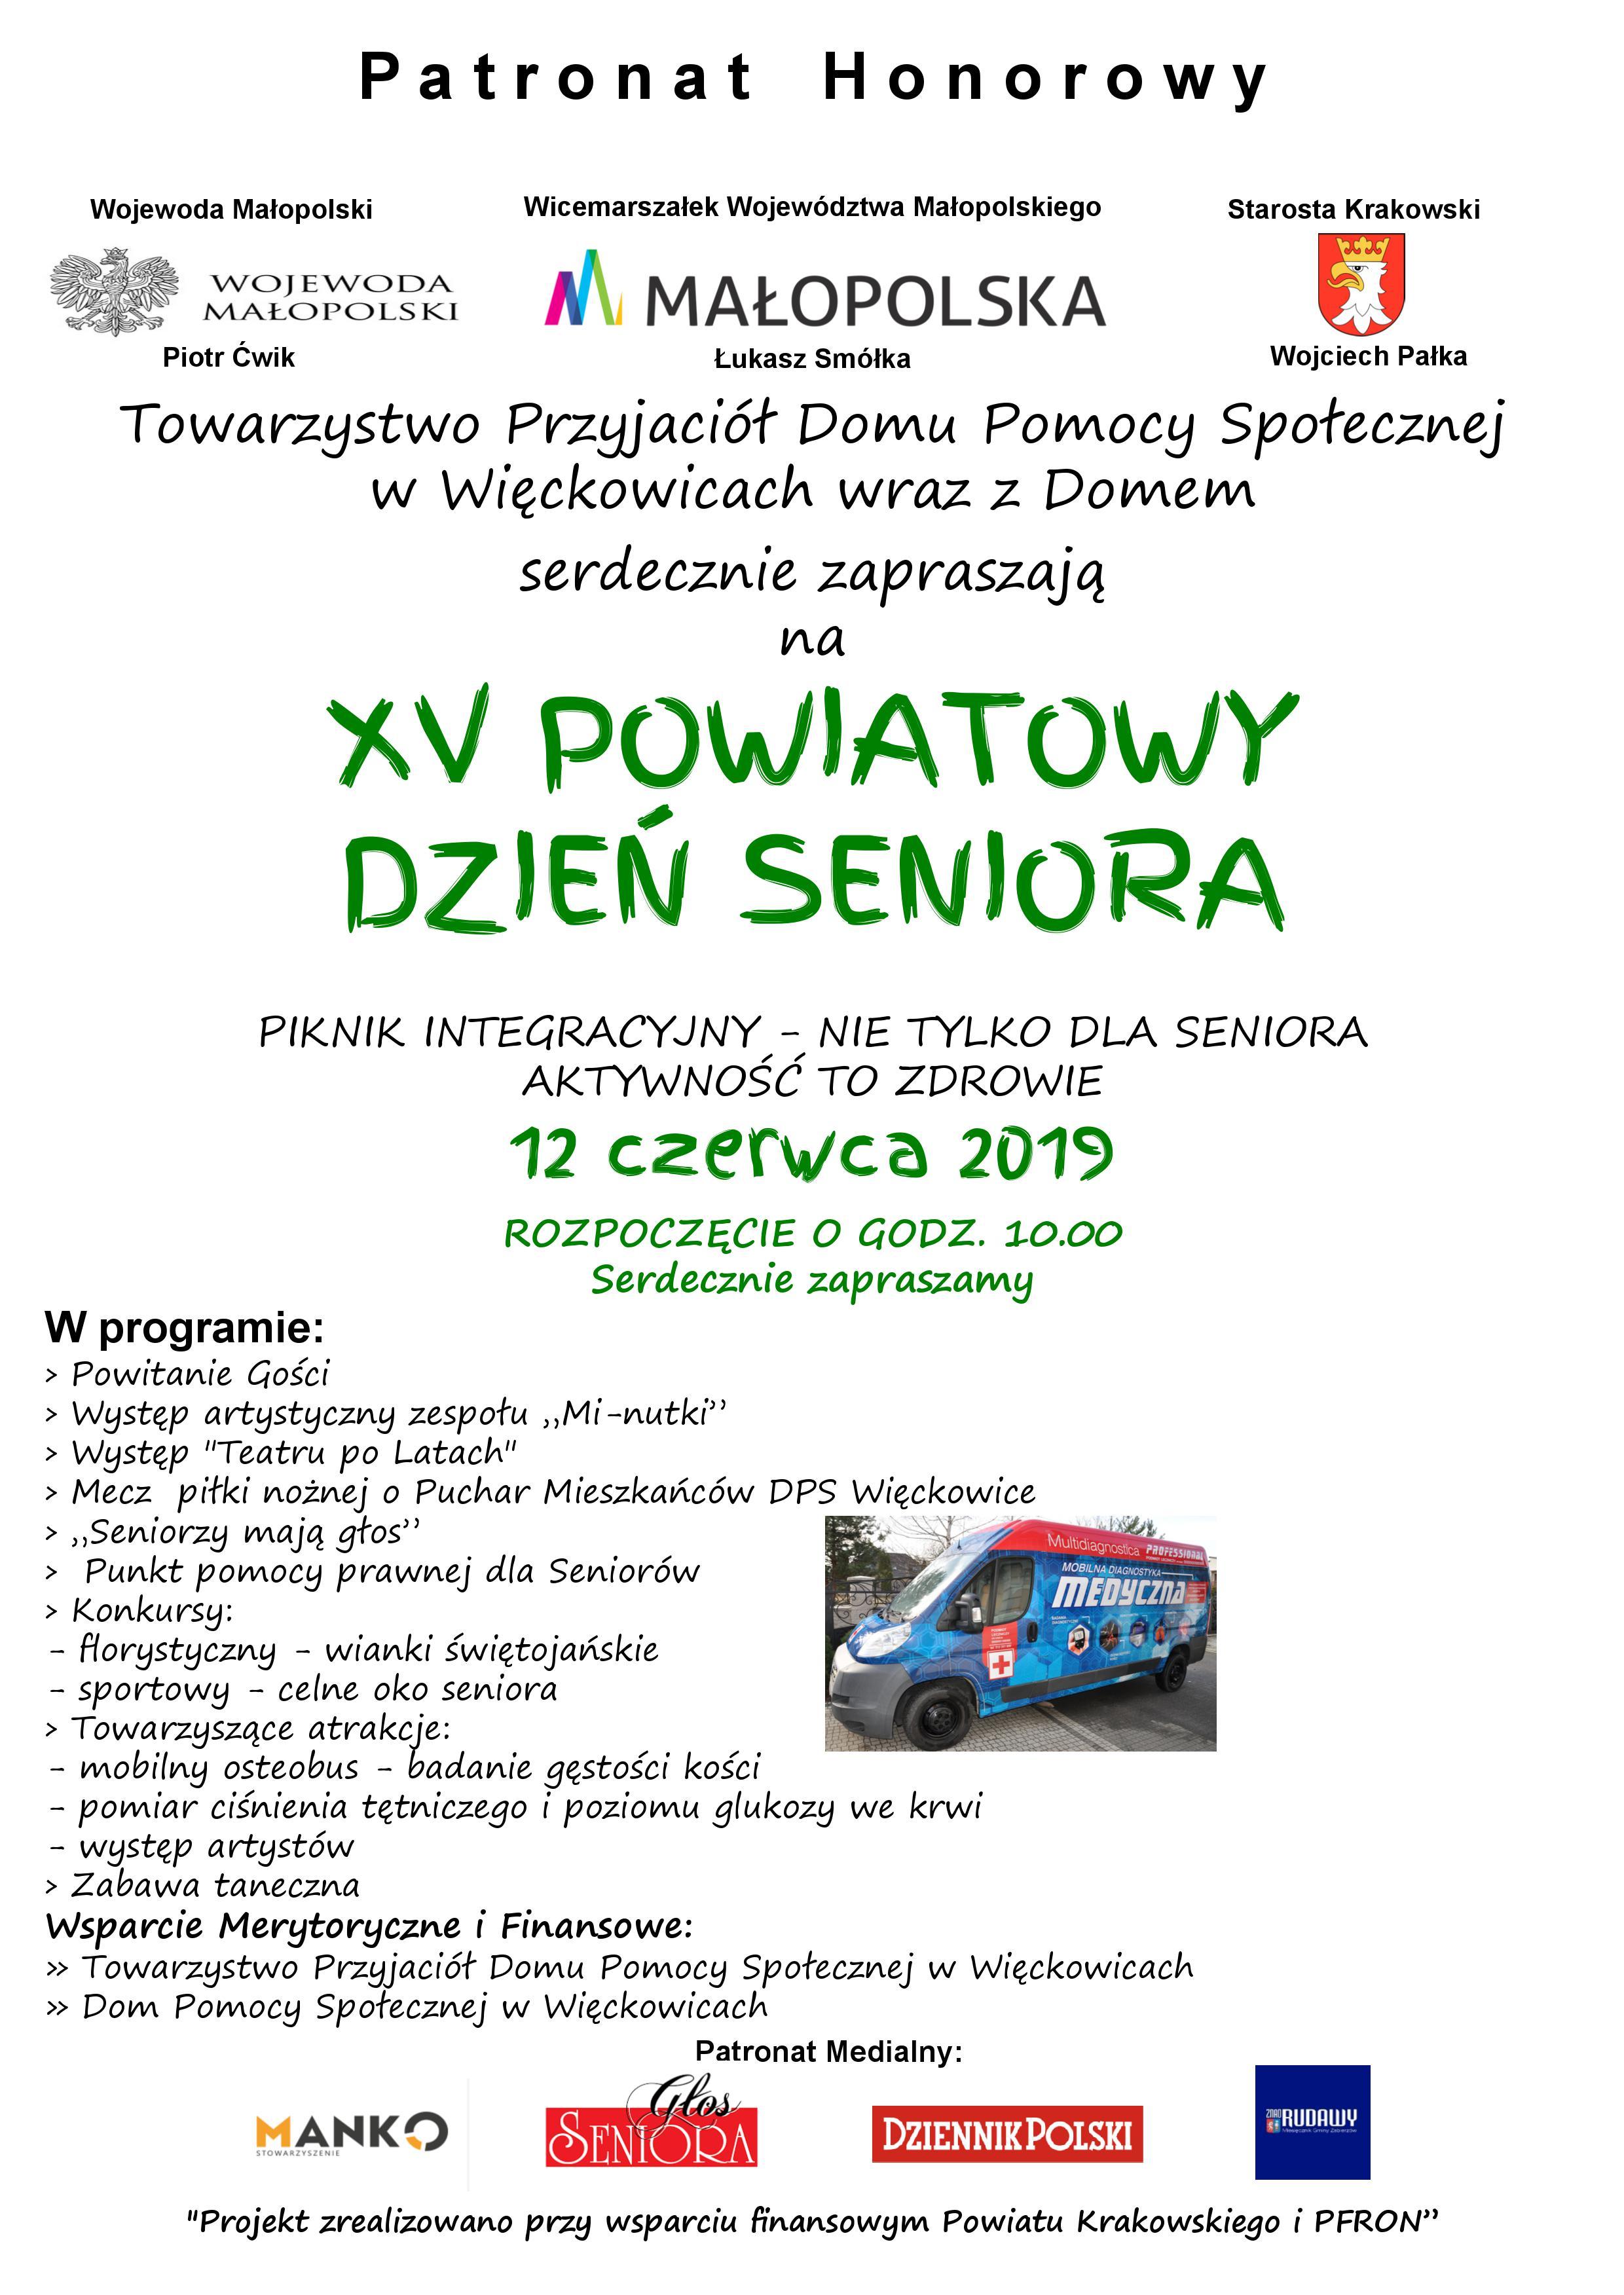 XV Powiatowy Dzień Seniora @ Dom Pomocy Społecznej | Więckowice | małopolskie | Polska